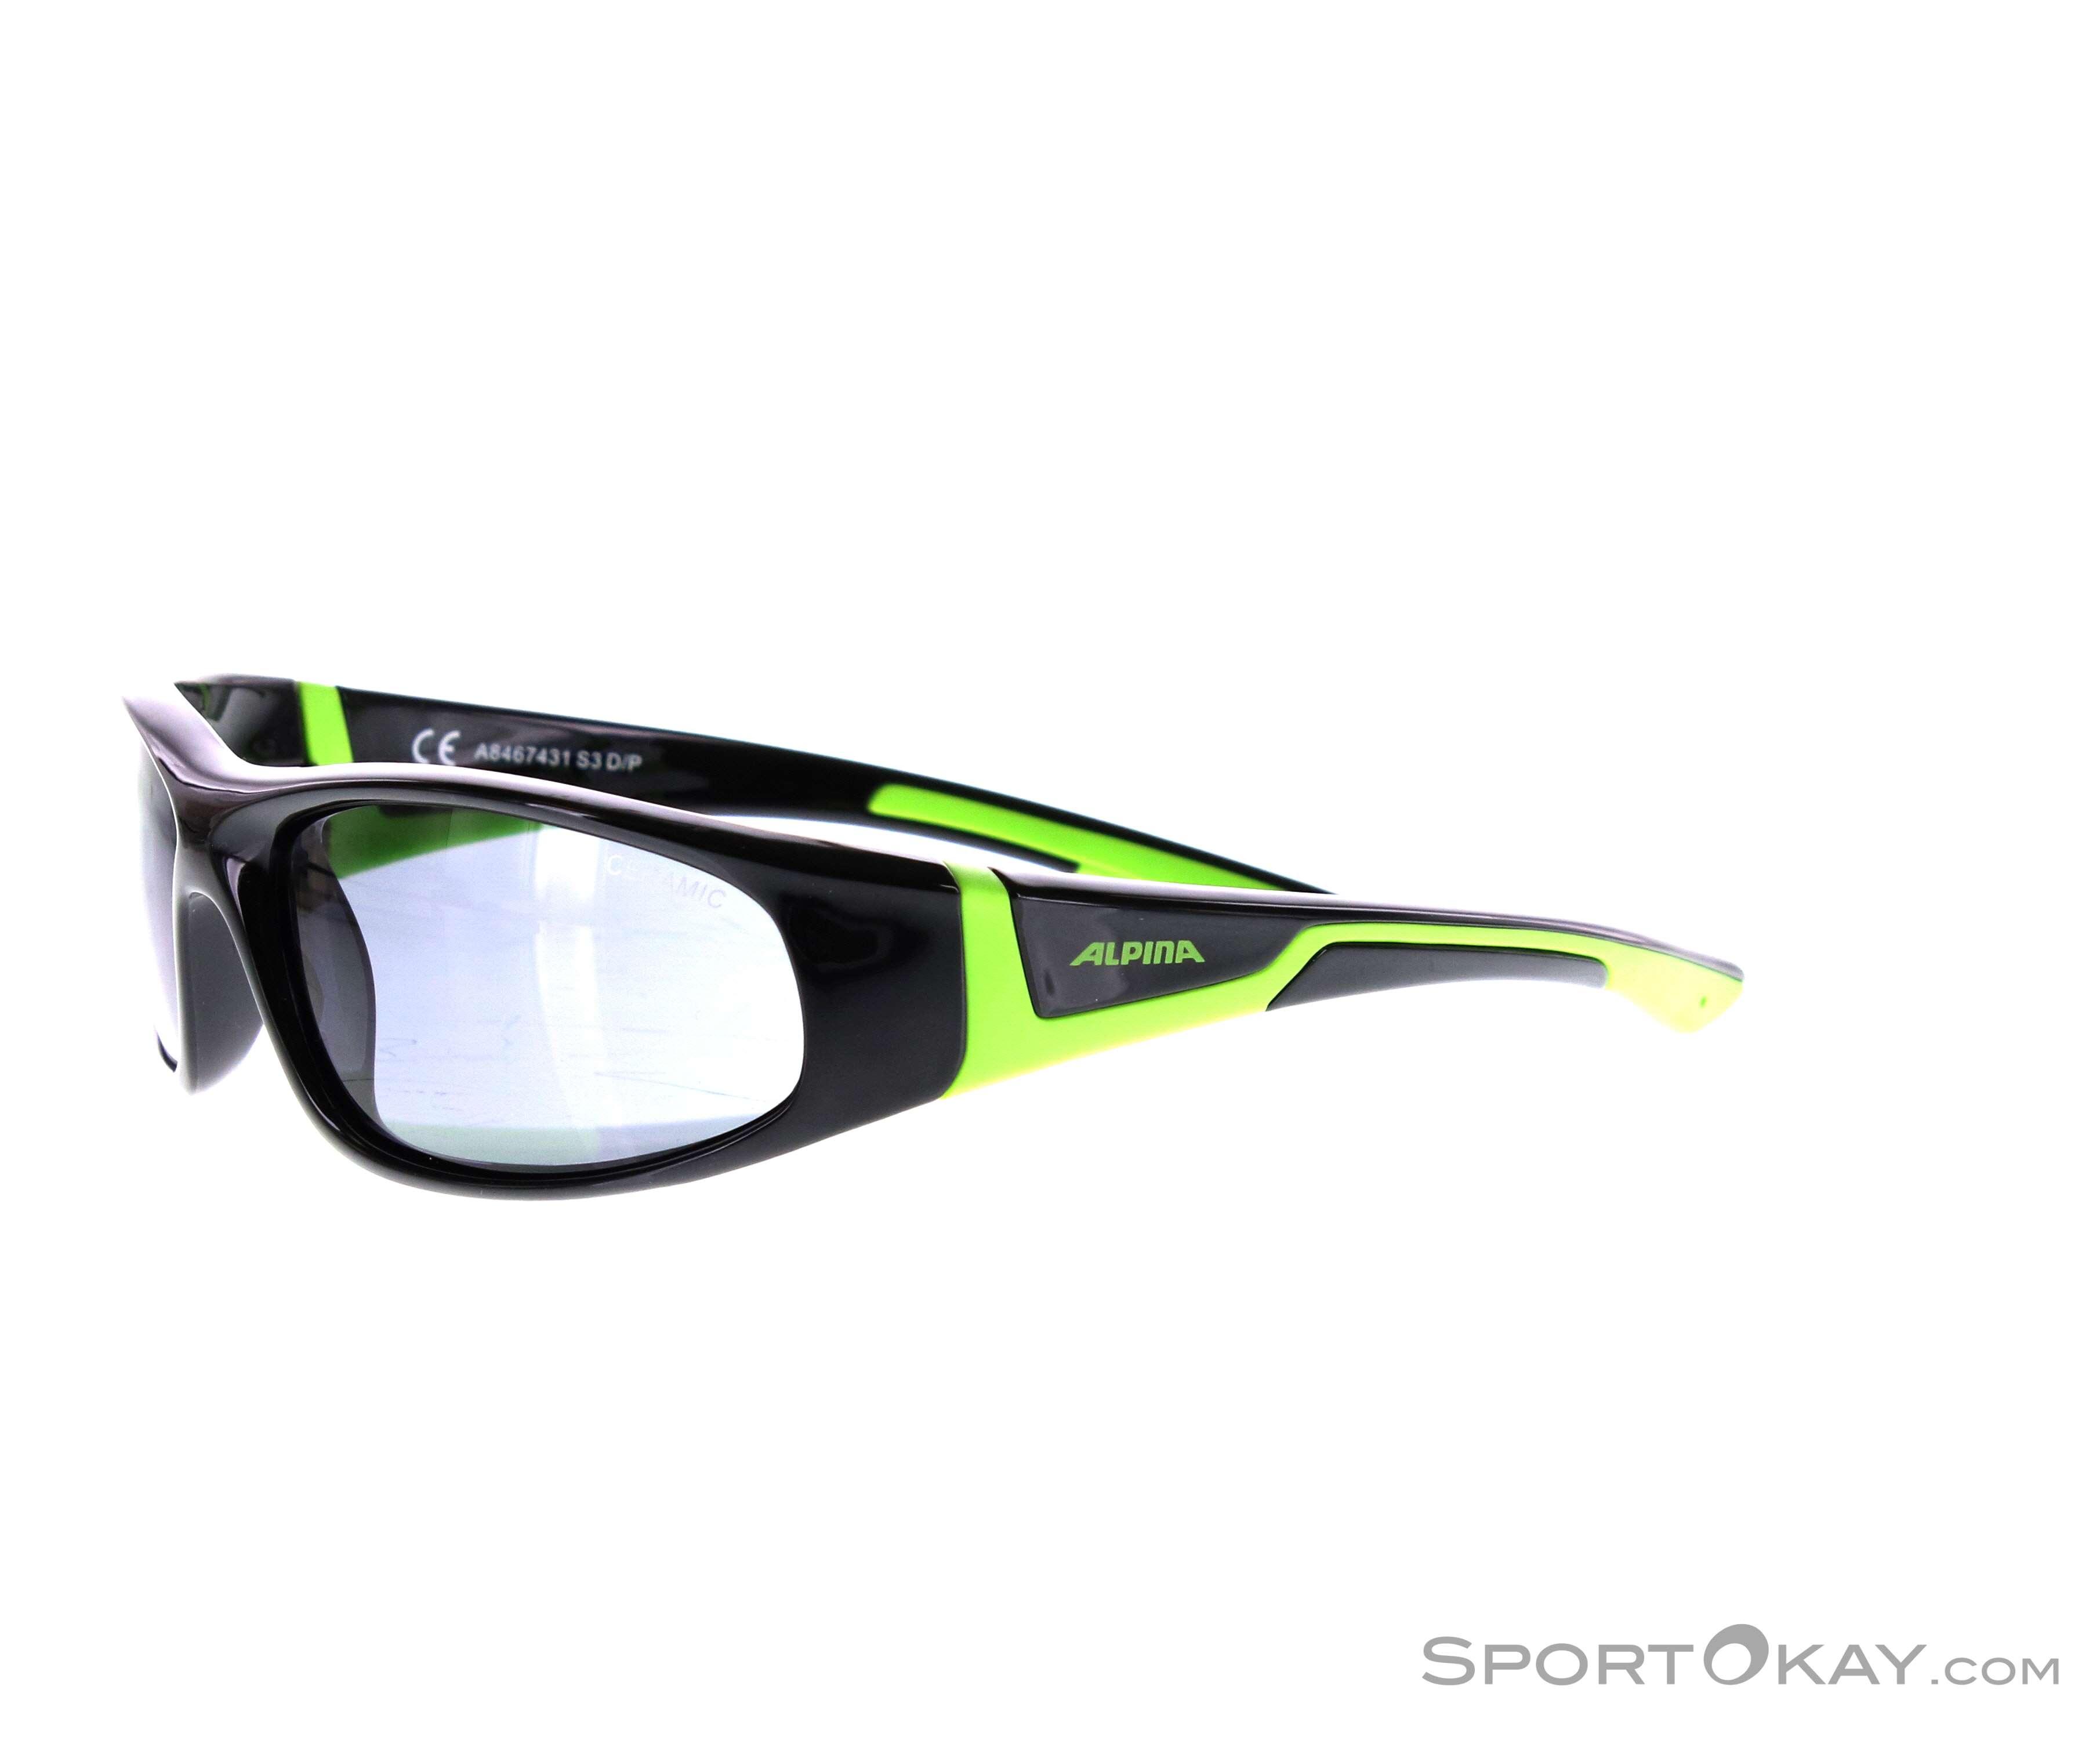 Sonnenbrille FLEXXY YOUTH Childrens ALPINA Flexxy Childrens Sunglasses Youth Sunglasses Outdoor Sports